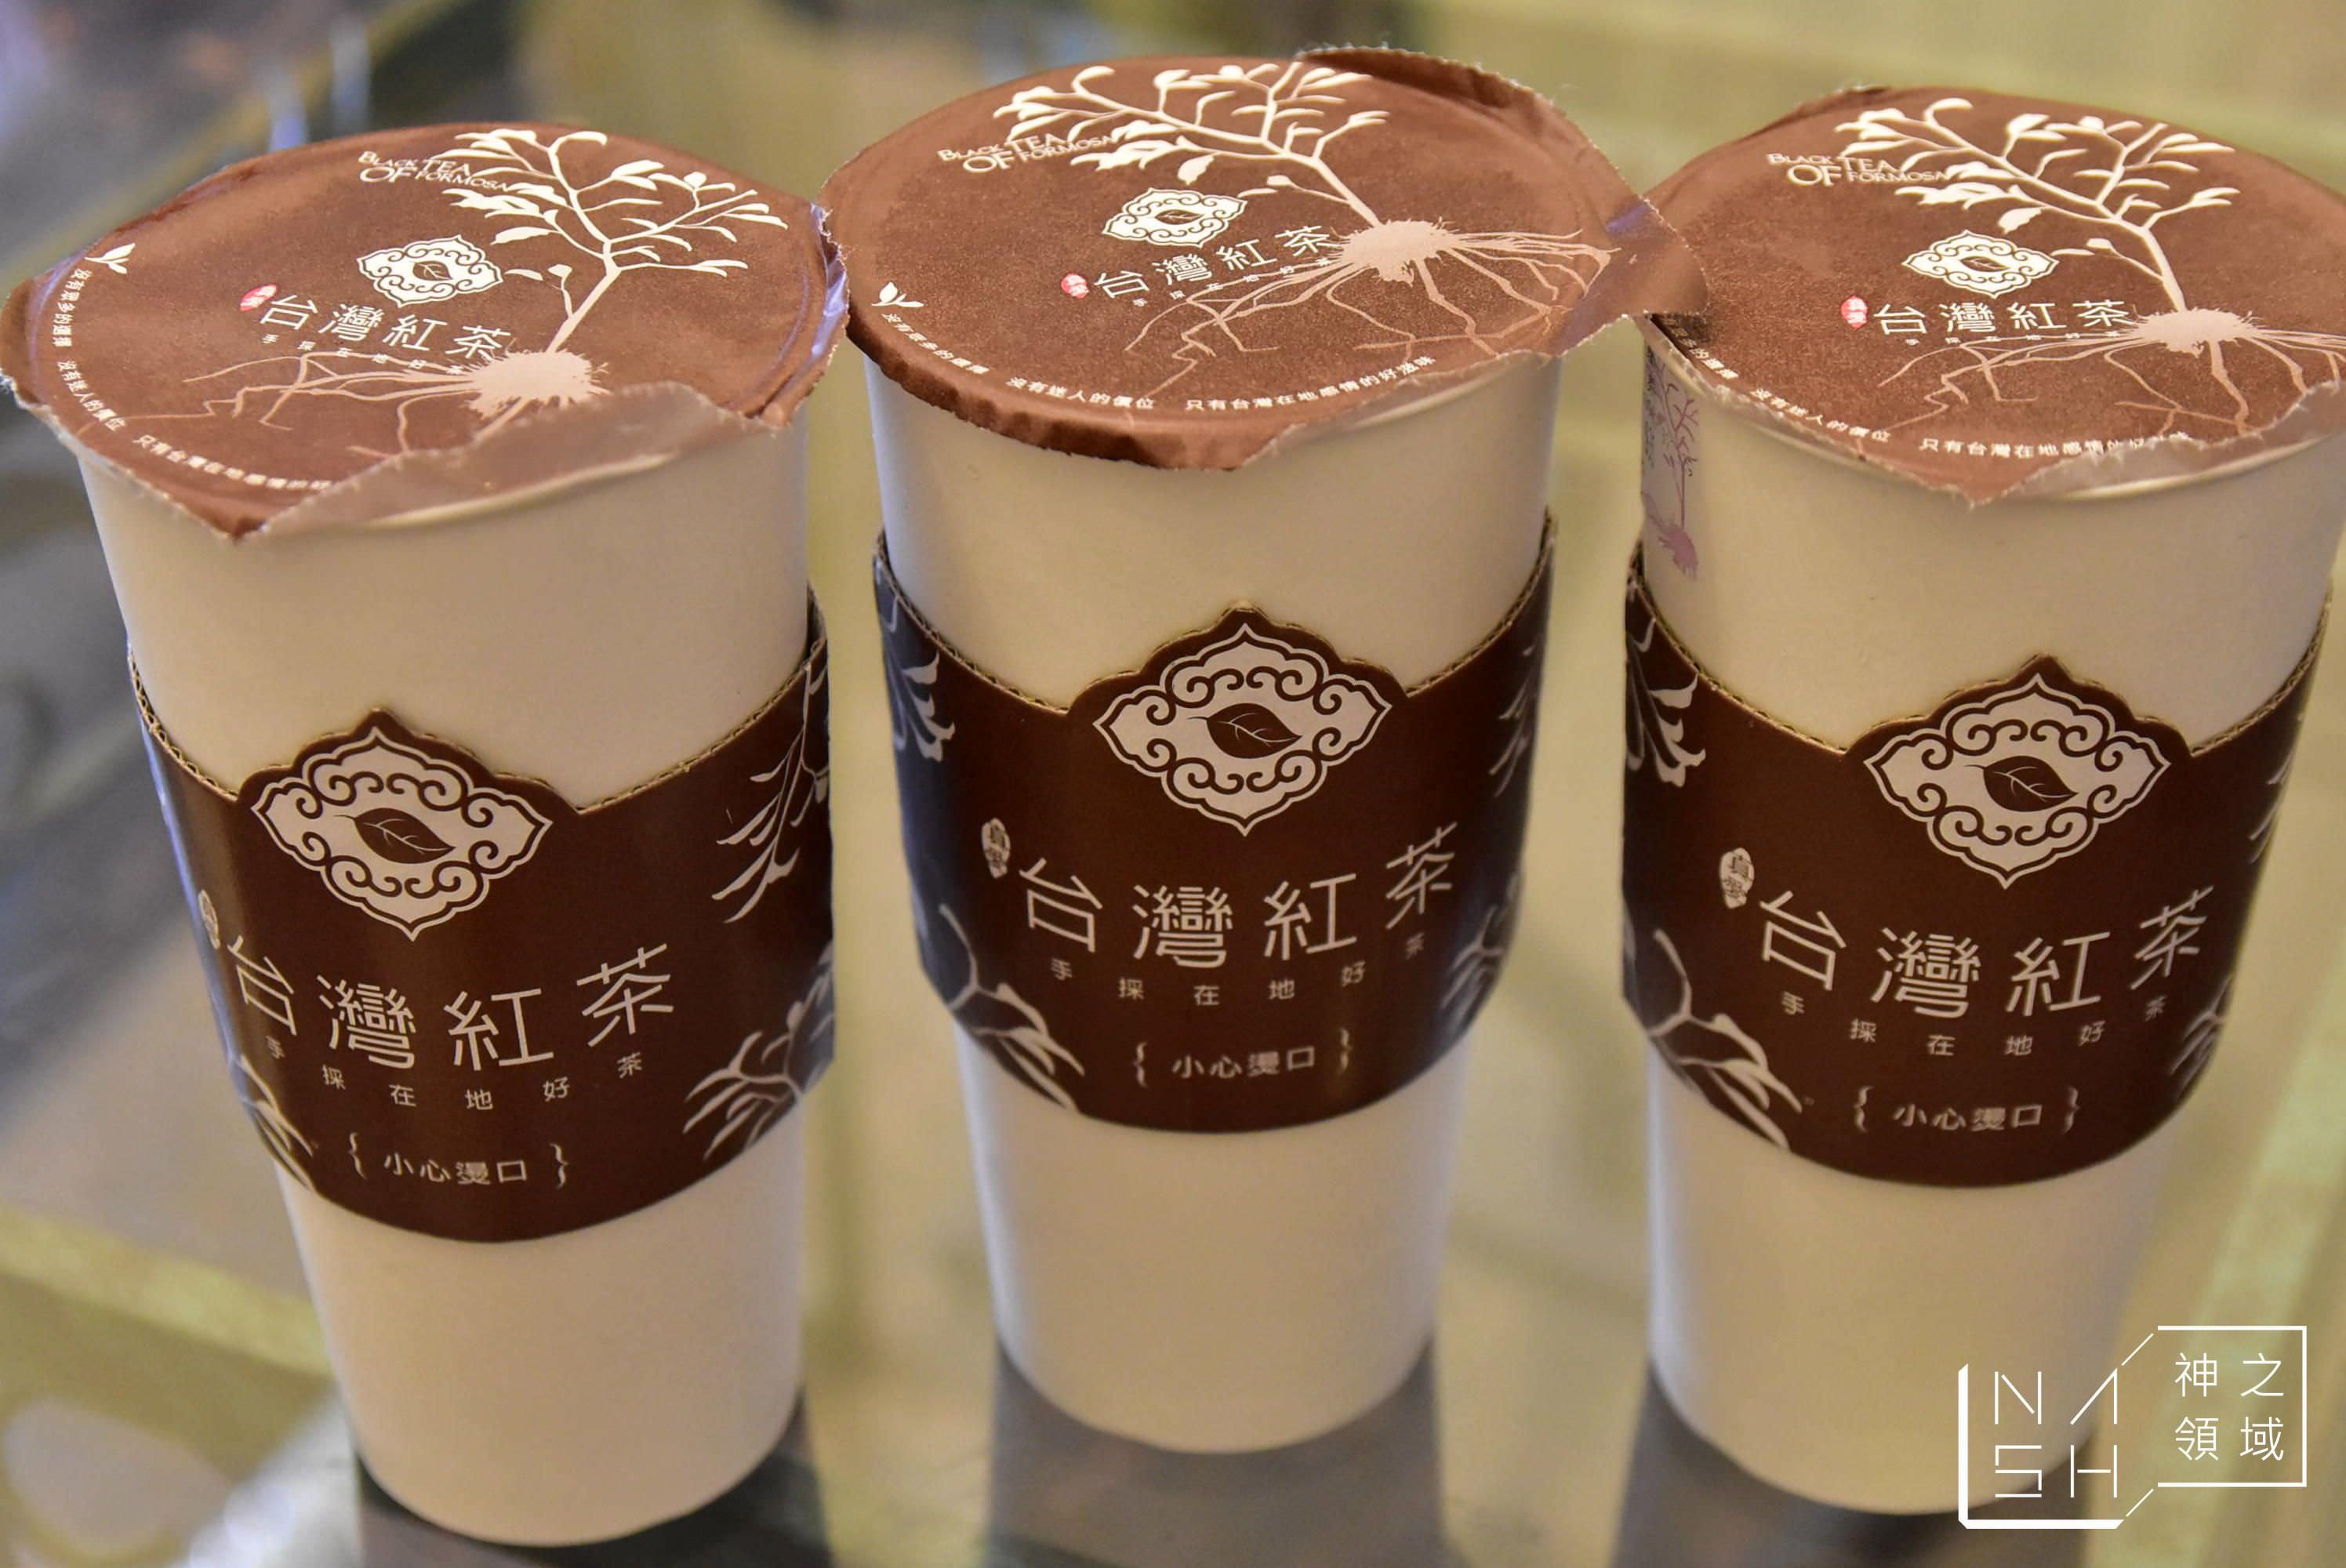 高捷巨蛋站飲料推薦,真愛台灣紅茶 @Nash,神之領域